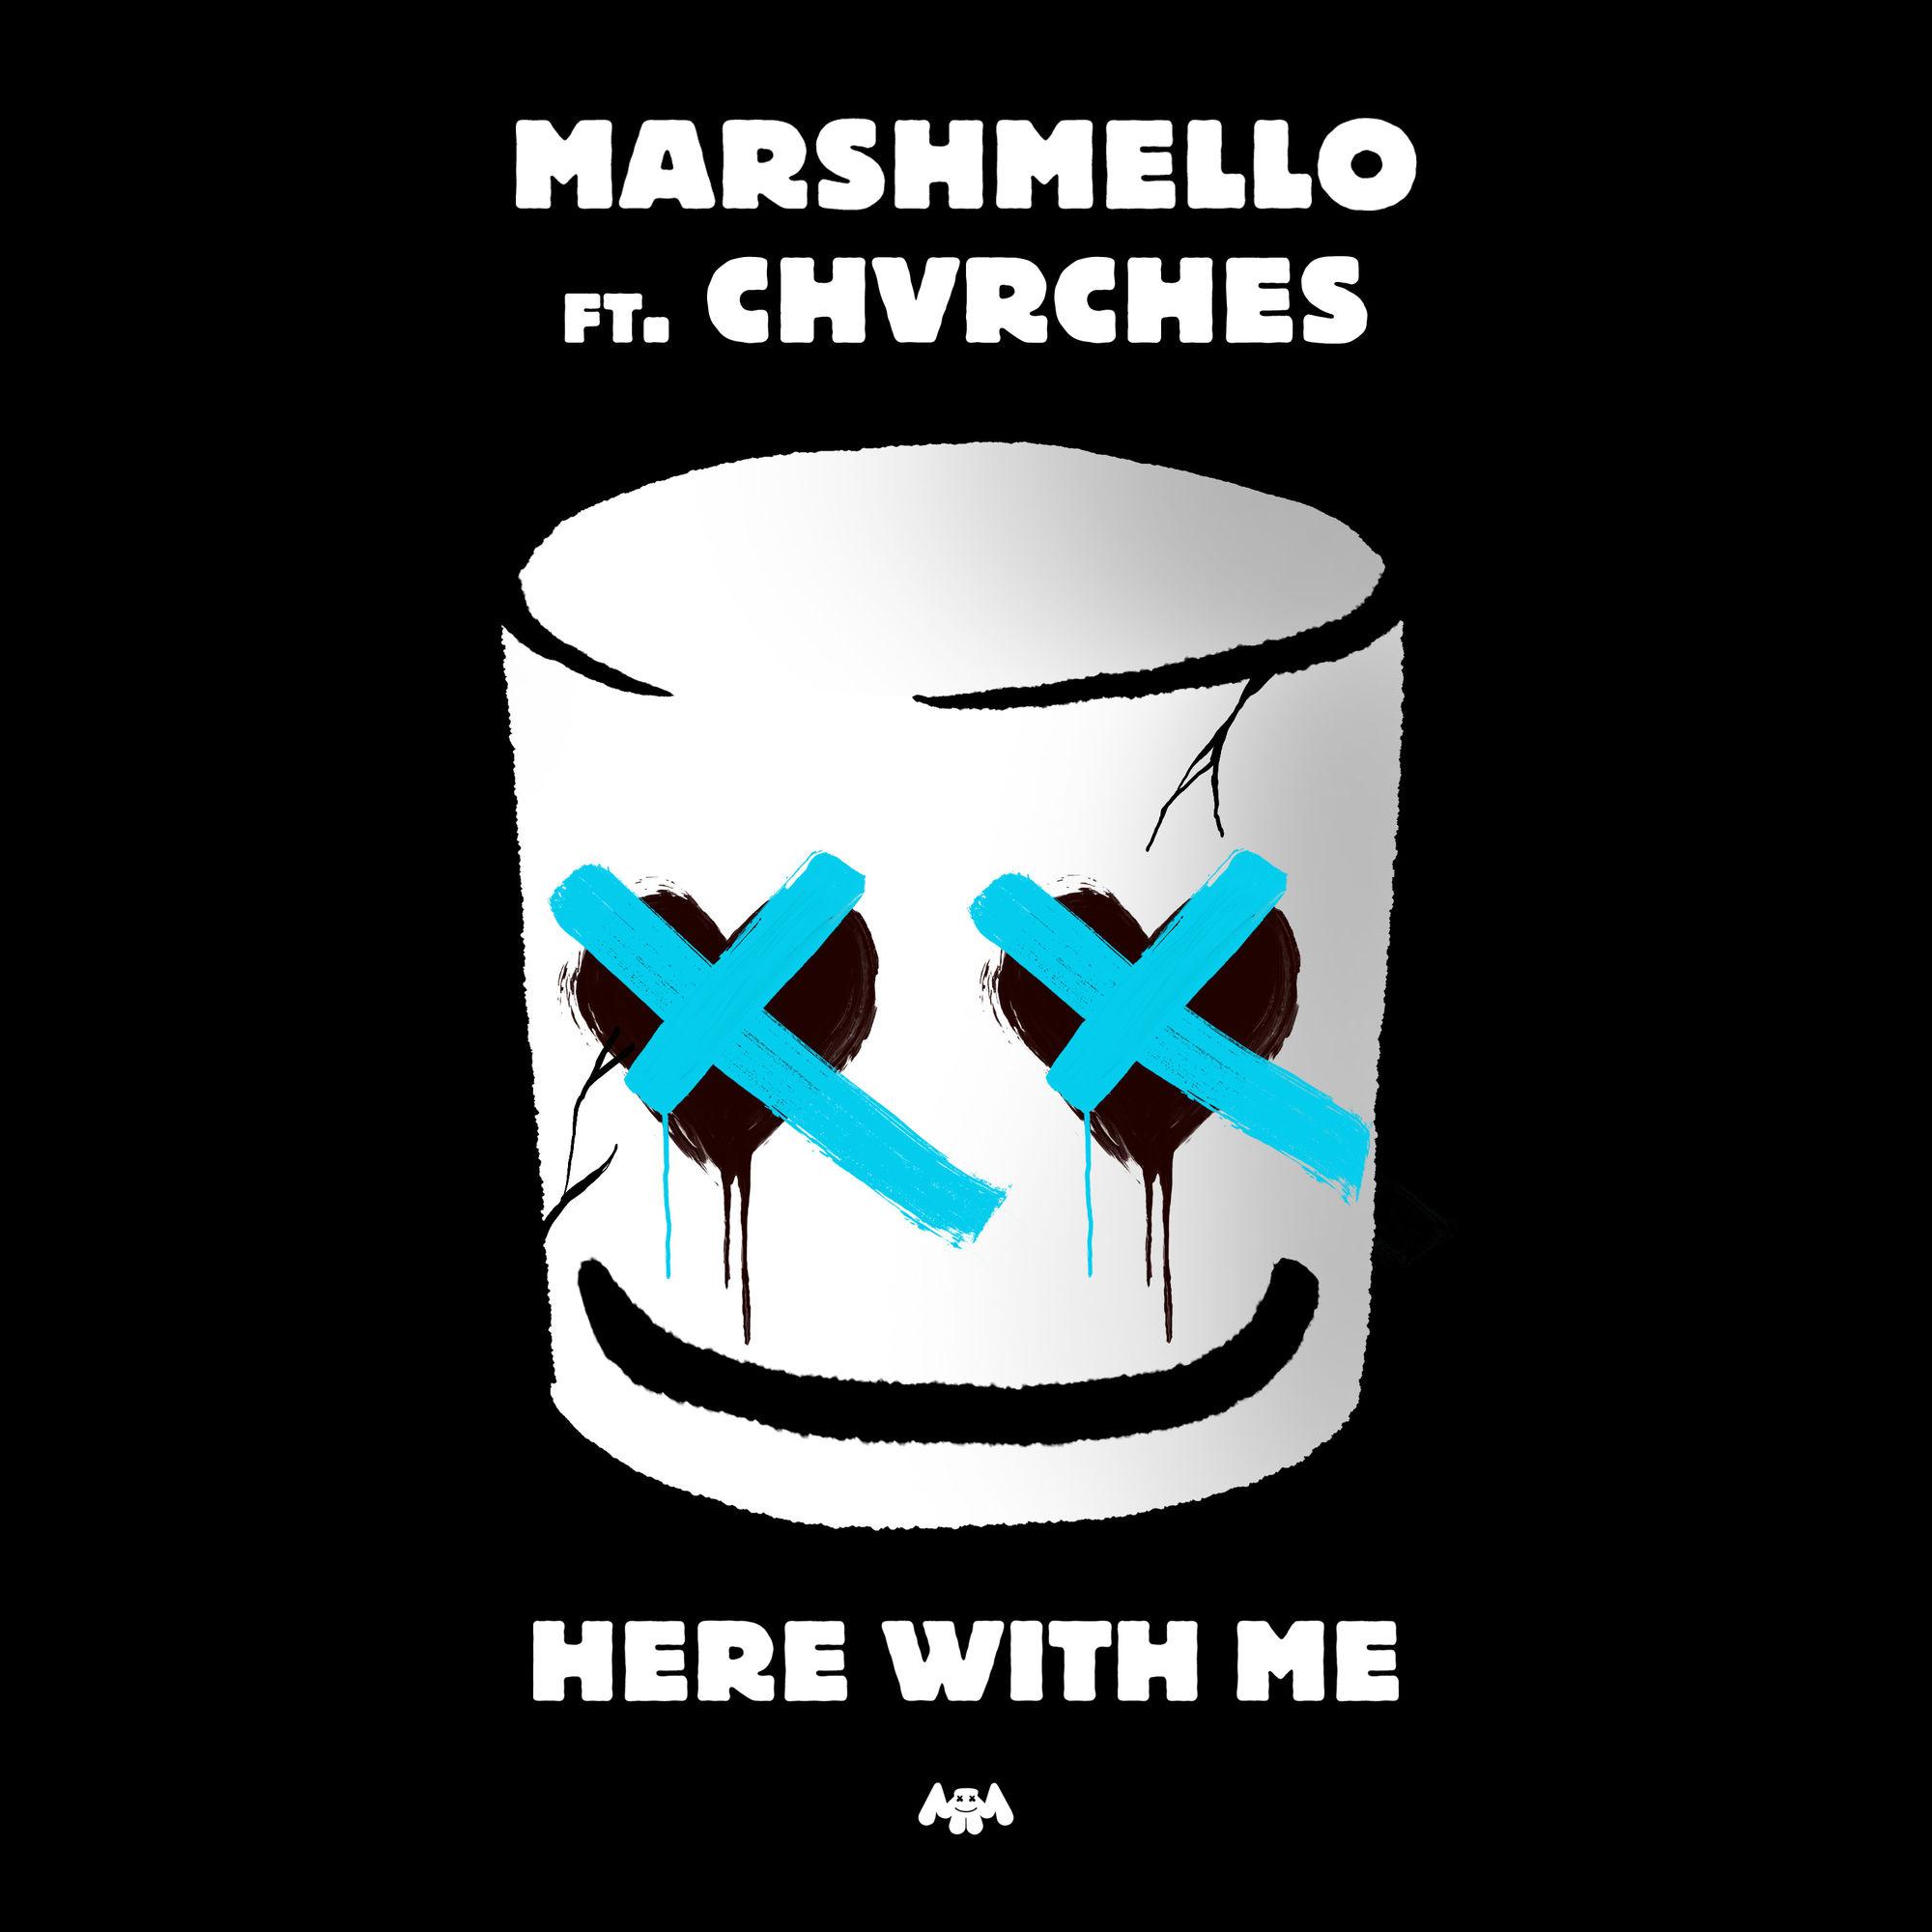 دانلود آهنگ Here With Me از مارشملو و CHVRCHES با کیفیت عالی + متن